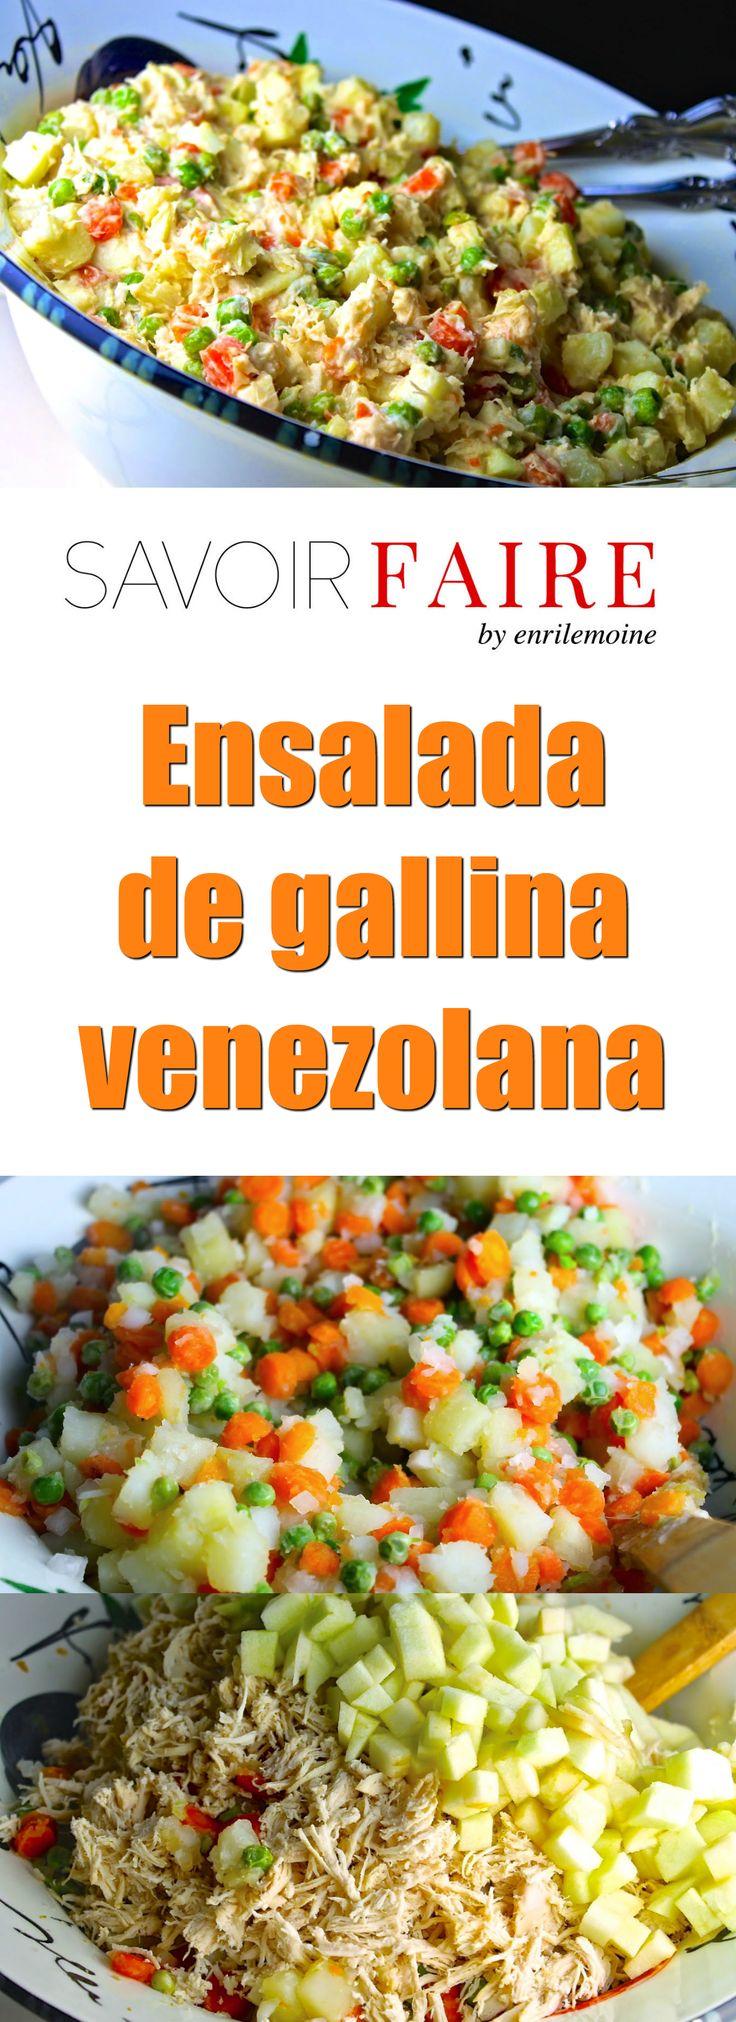 Esta es la receta de la clásica ensalada de gallina venezolana, esa que no falta en las mesas de Navidad y Año Nuevo, y que es tan festiva que también se sirve en celebraciones como bautizos, comuniones y bodas. Haz clic para ver la receta paso a paso.